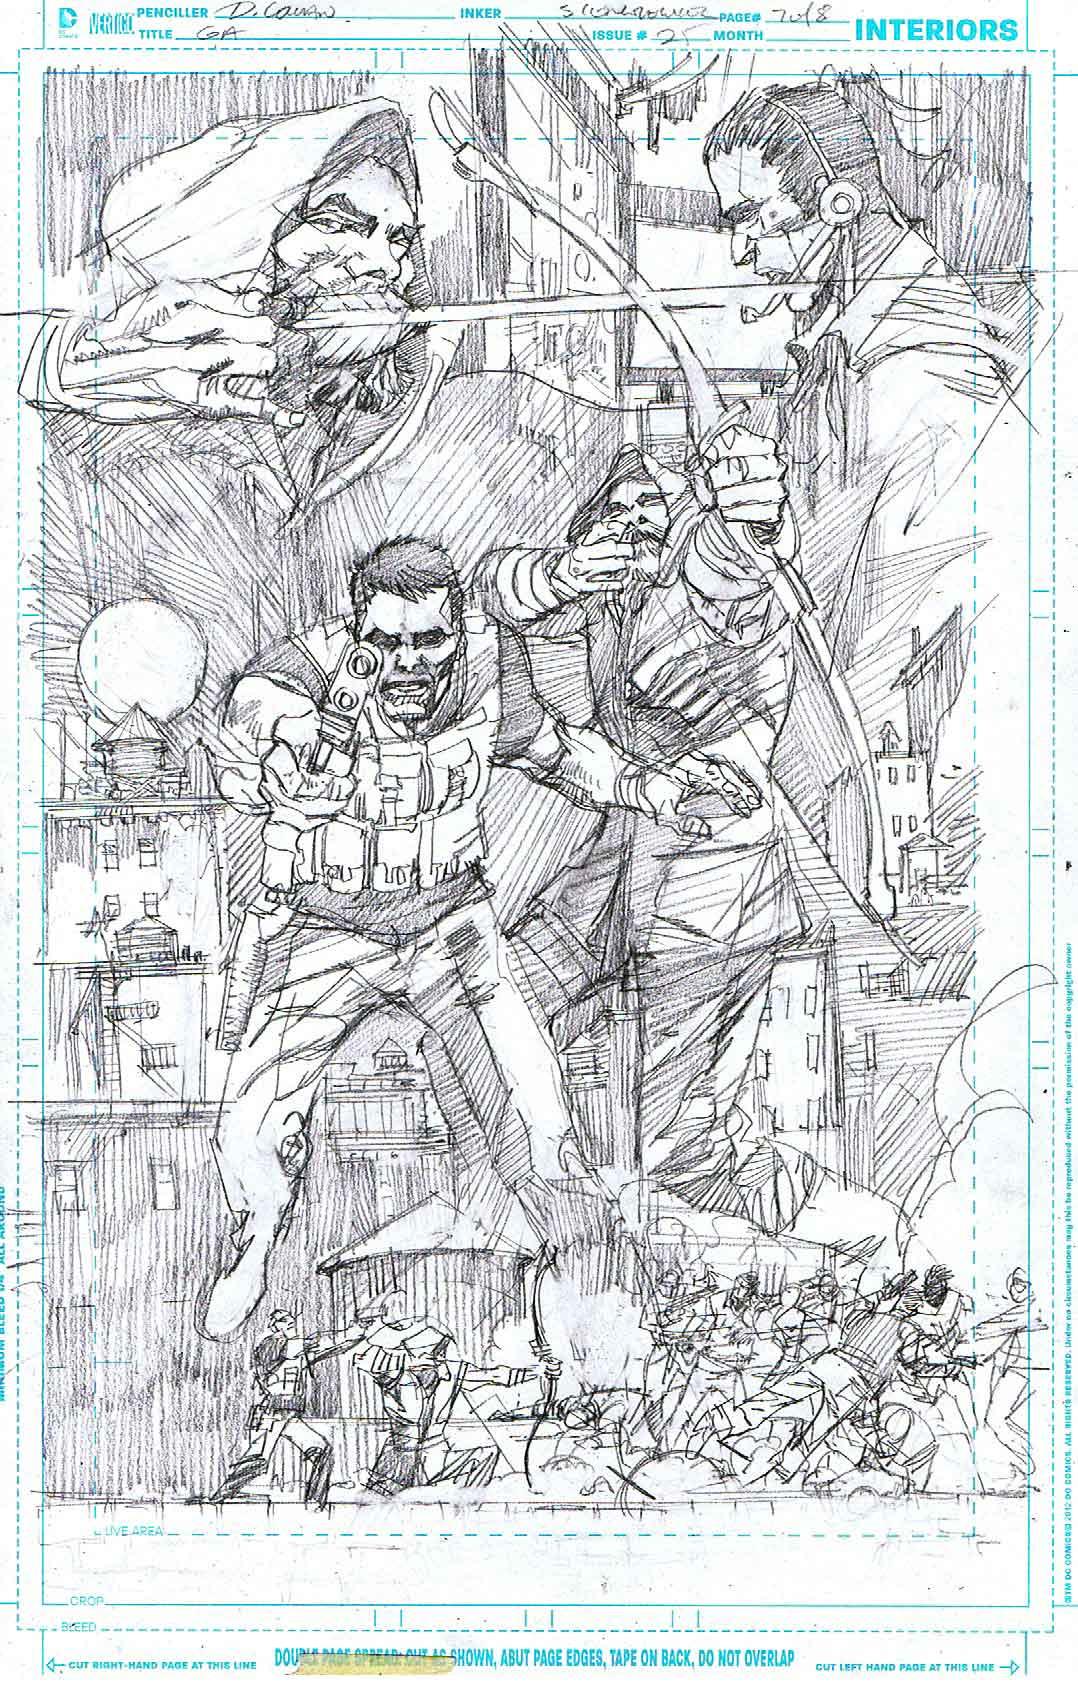 Green Arrow #25 - Page 7 - Pencils